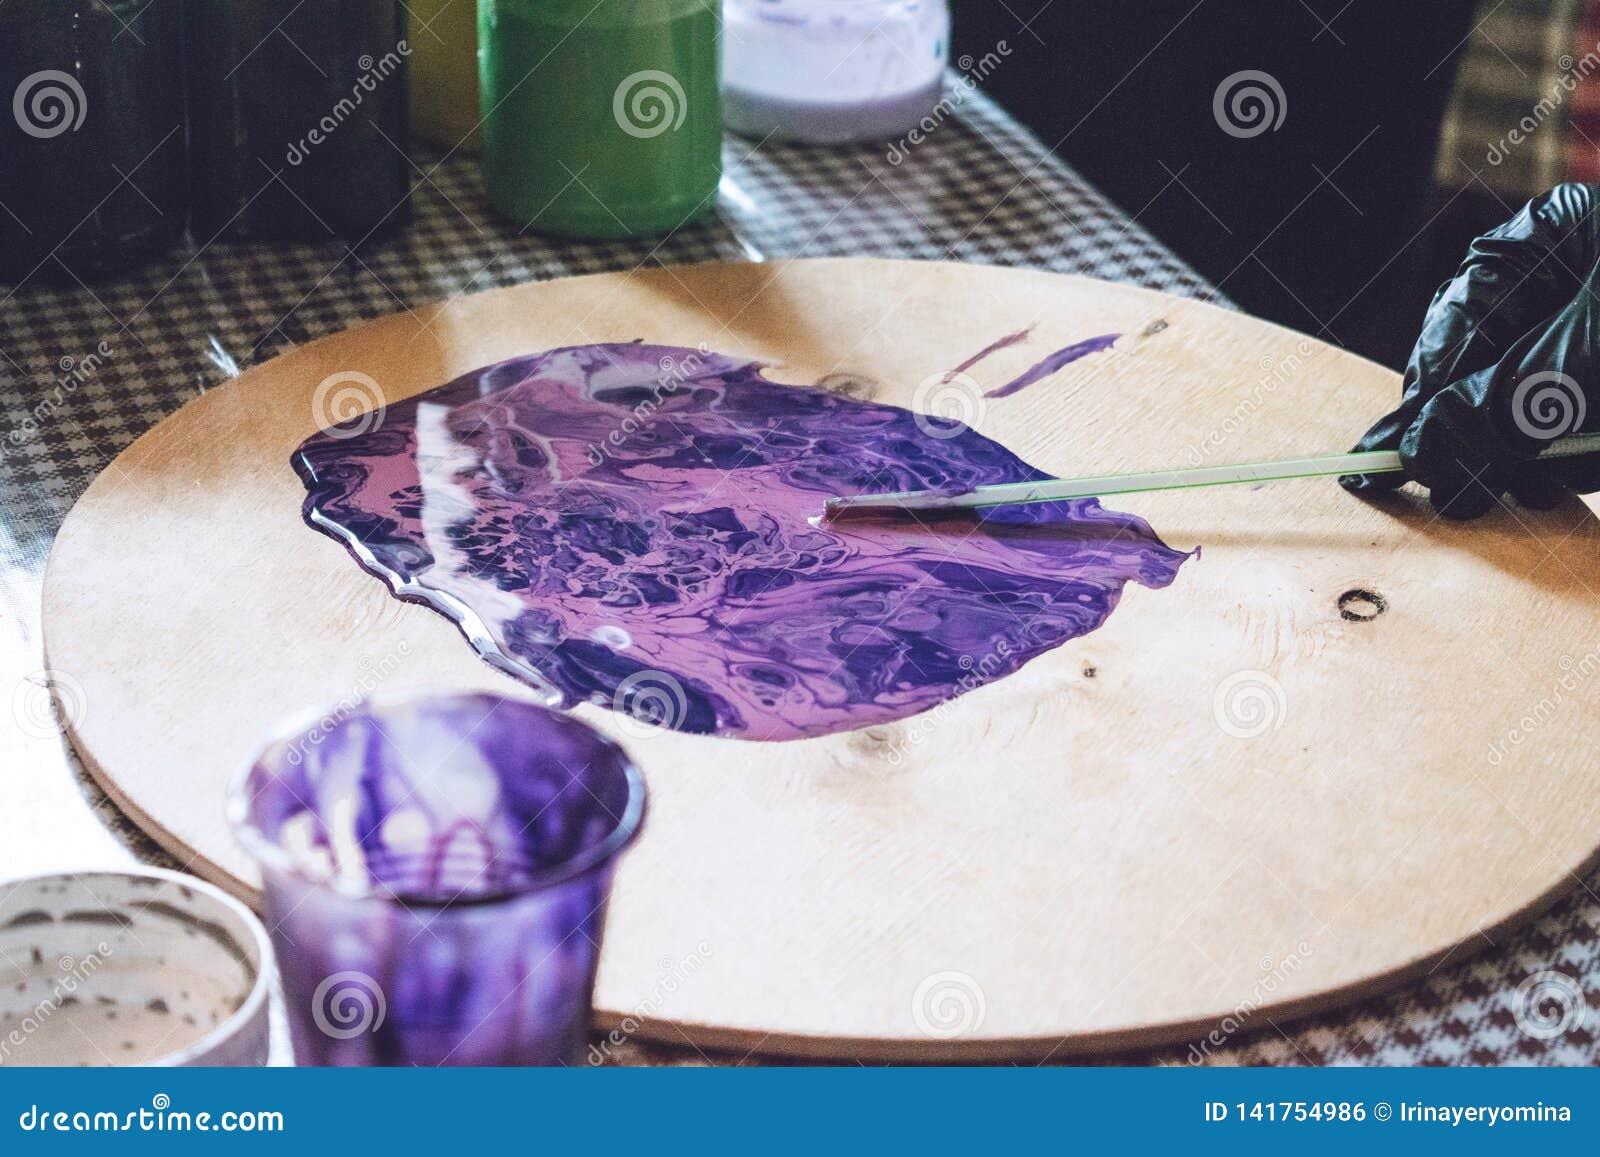 Flüssige Acrylwerkstatt Acrylparteihintergrund der flüssigen Kunst Strömende Acrylfarbe in Schale für Acryl gießen Malerei kreati